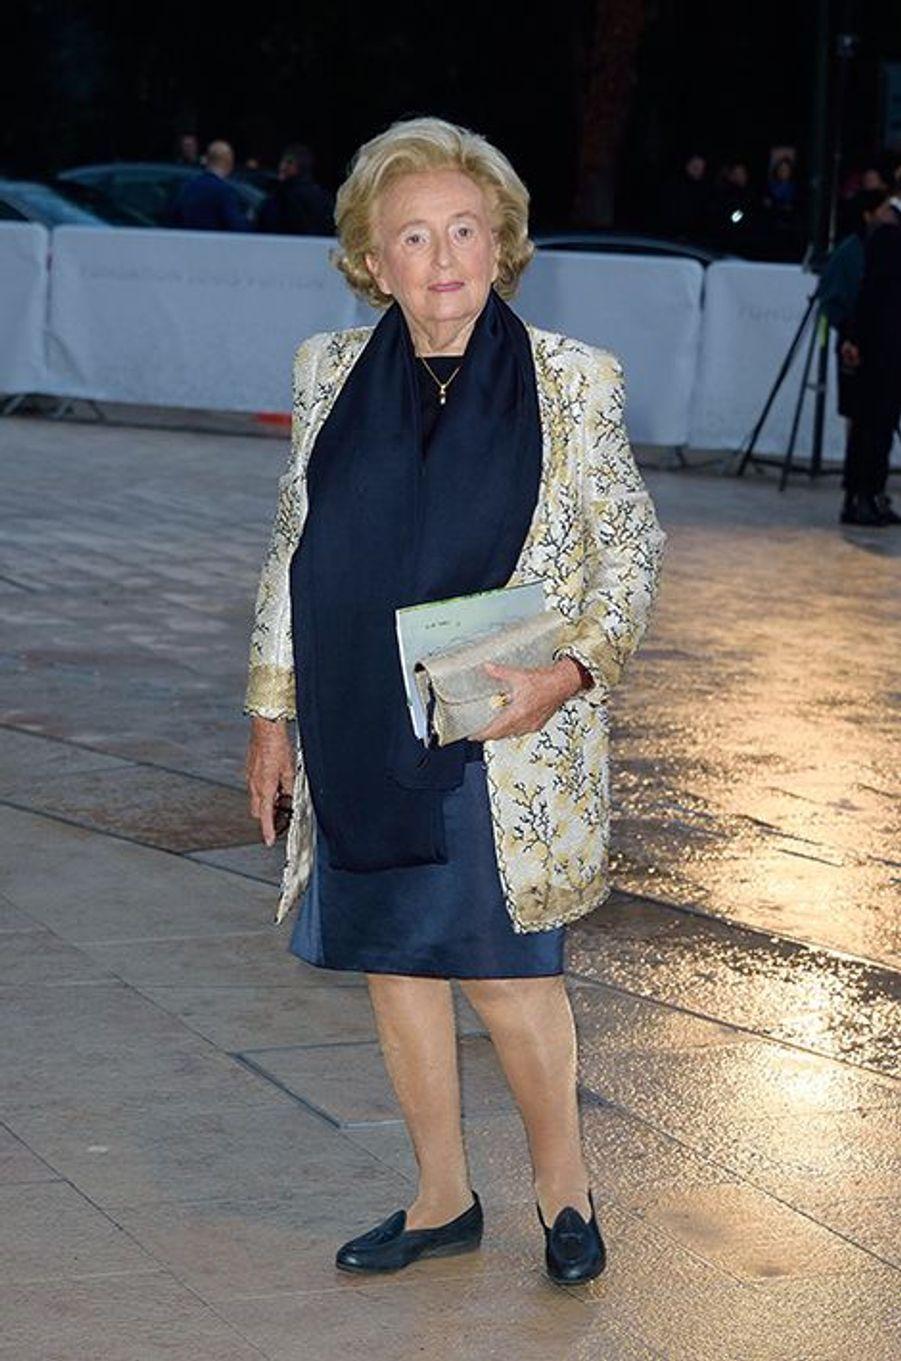 Bernadette Chirac à l'inauguration de la Fondation Louis Vuitton le 20 octobre 2014 à Paris